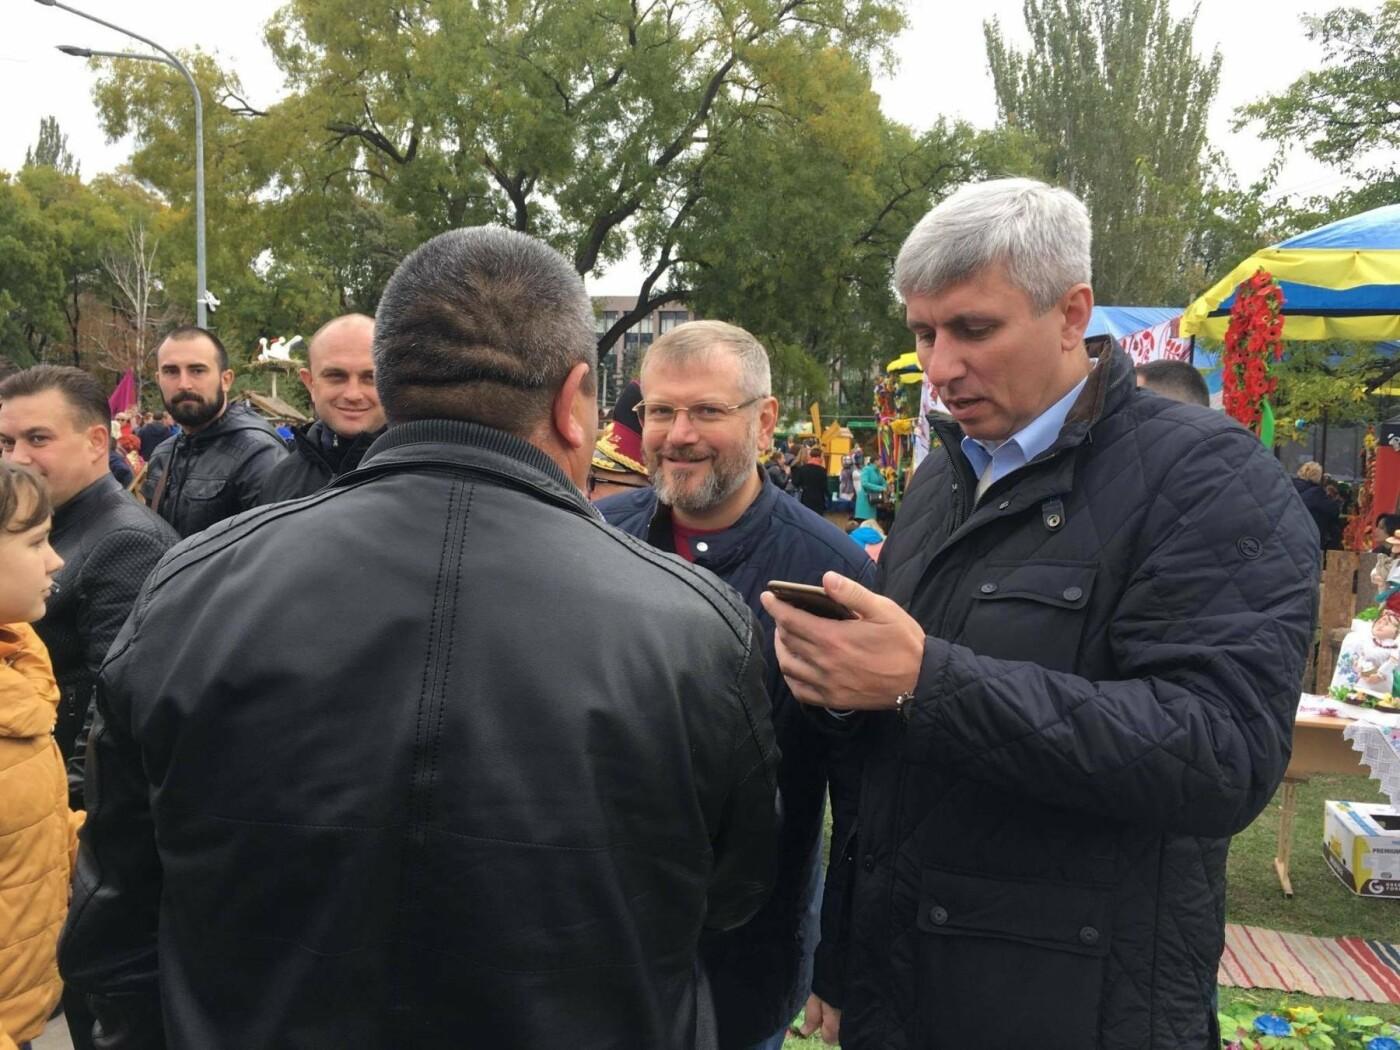 Тысячи криворожан отмечают День украинского козачества на Фестивале в парке Героев (ФОТО, ВИДЕО), фото-20